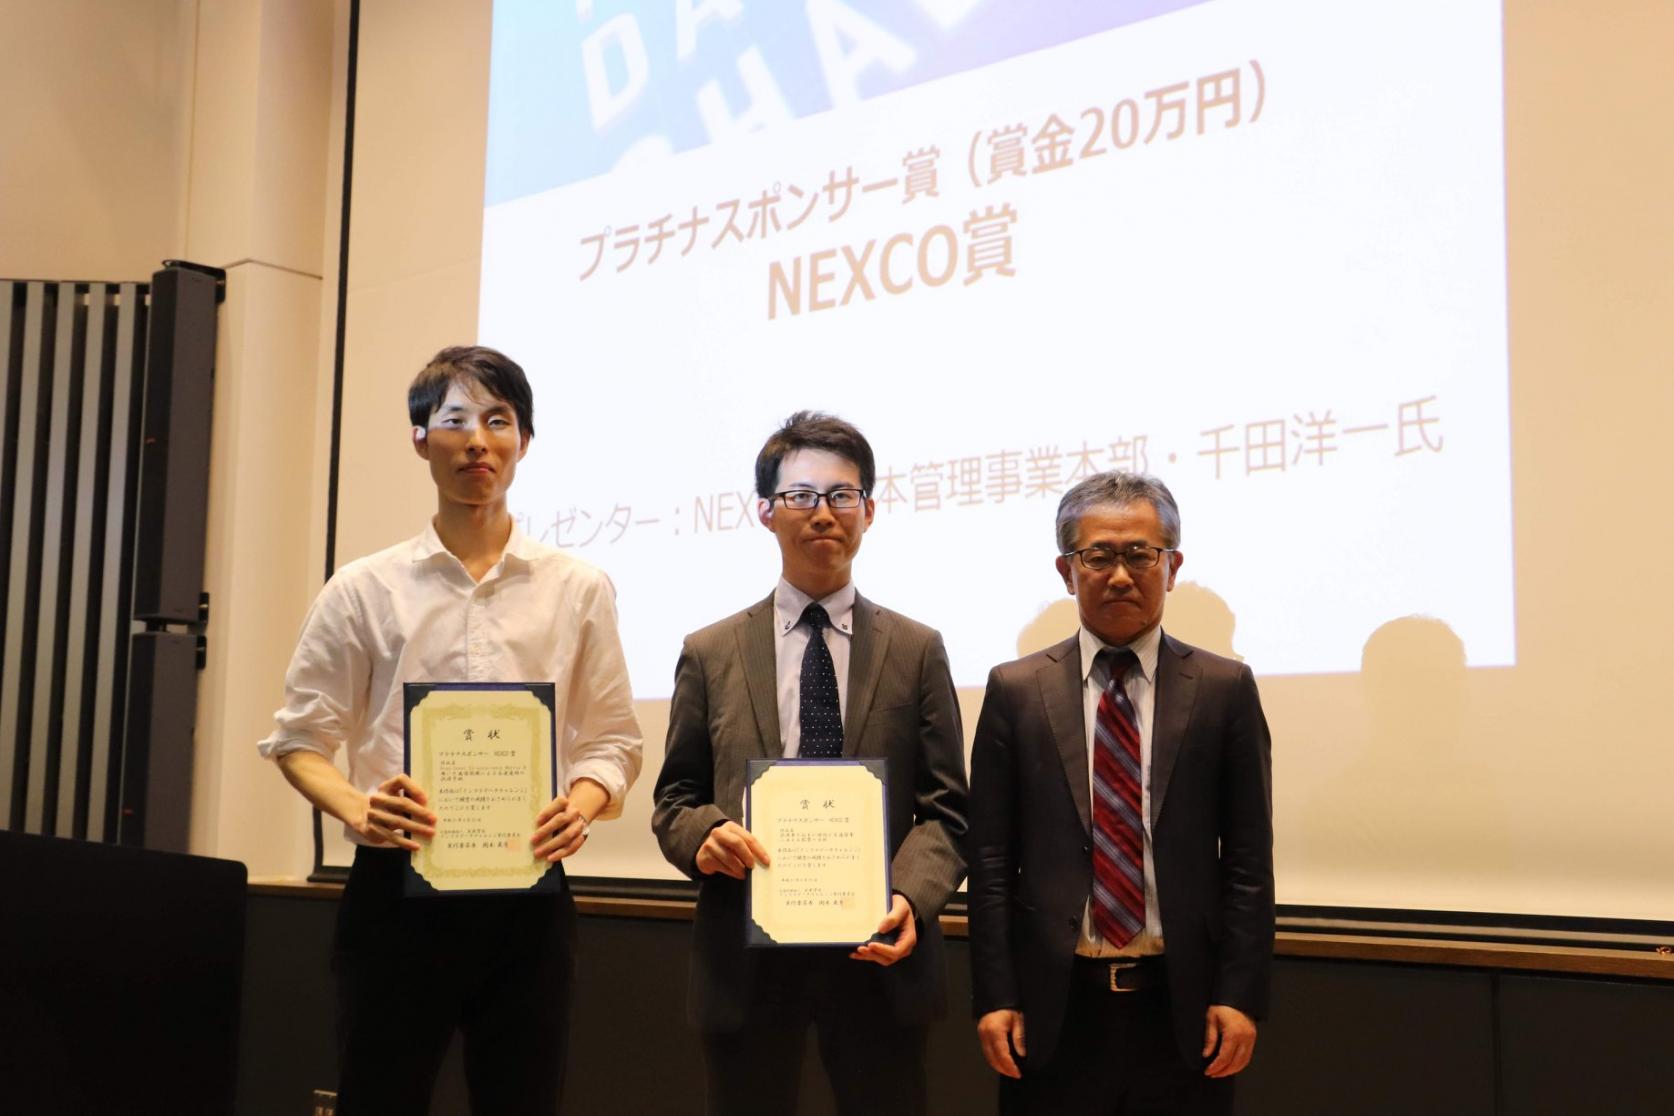 交通システム工学科の吉岡慶佑助手が(公財)土木学会主催のインフラデータチャレンジにおいて、「プラチナスポンサー賞」を受賞しました。